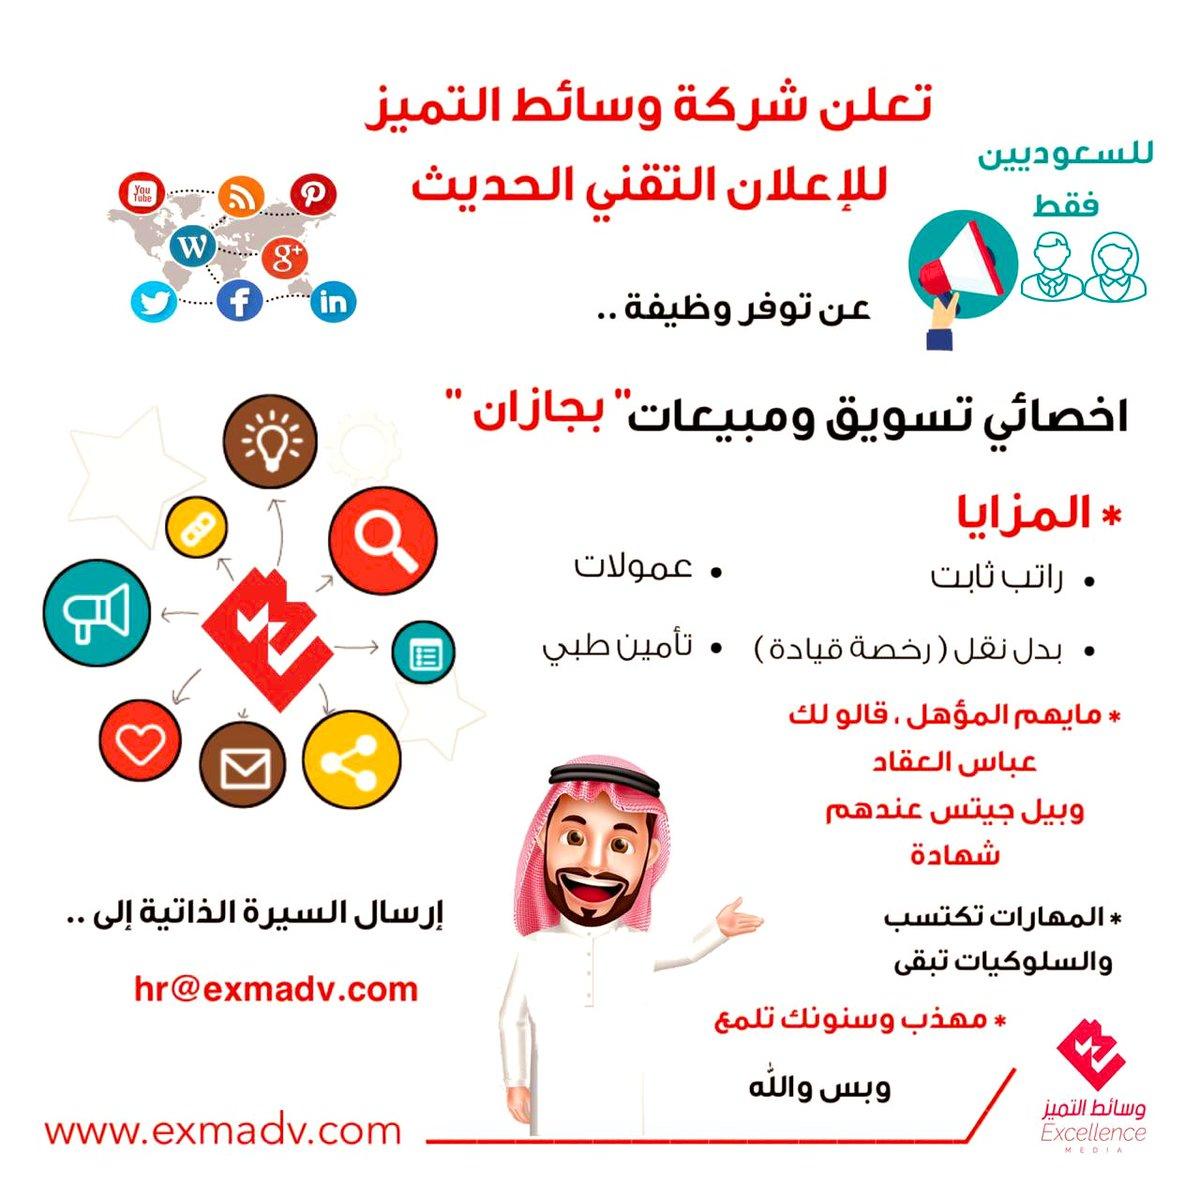 وظيفة للسعوديين في #جازان    #وظائف_شاغرة #وظائف #توظيف #وظيفة